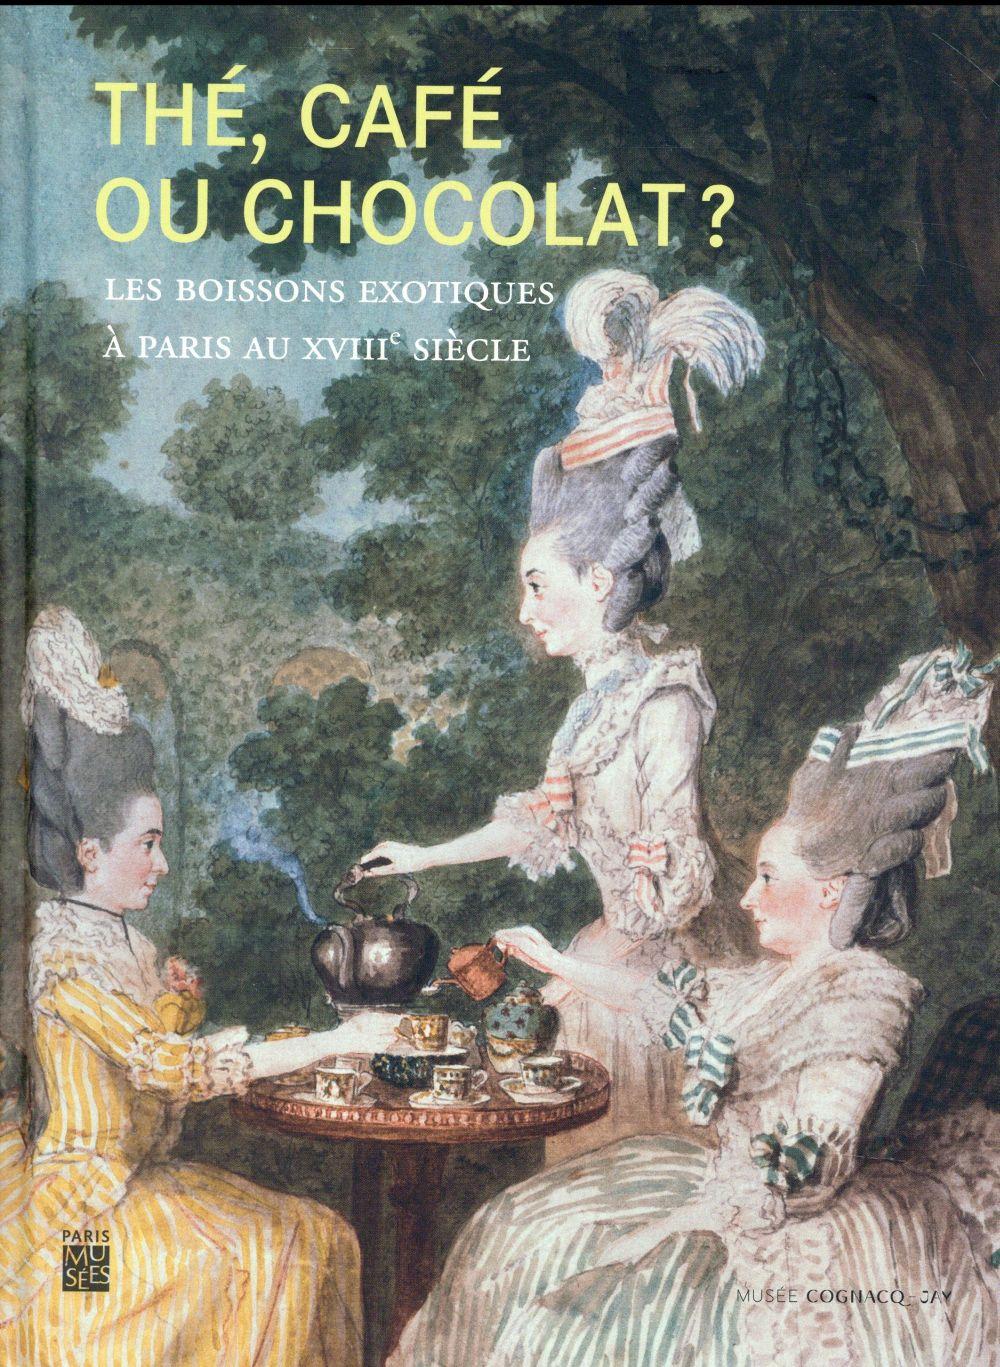 Thé, café ou chocolat ? les boissons exotiques à Paris au XVIIIe siècle